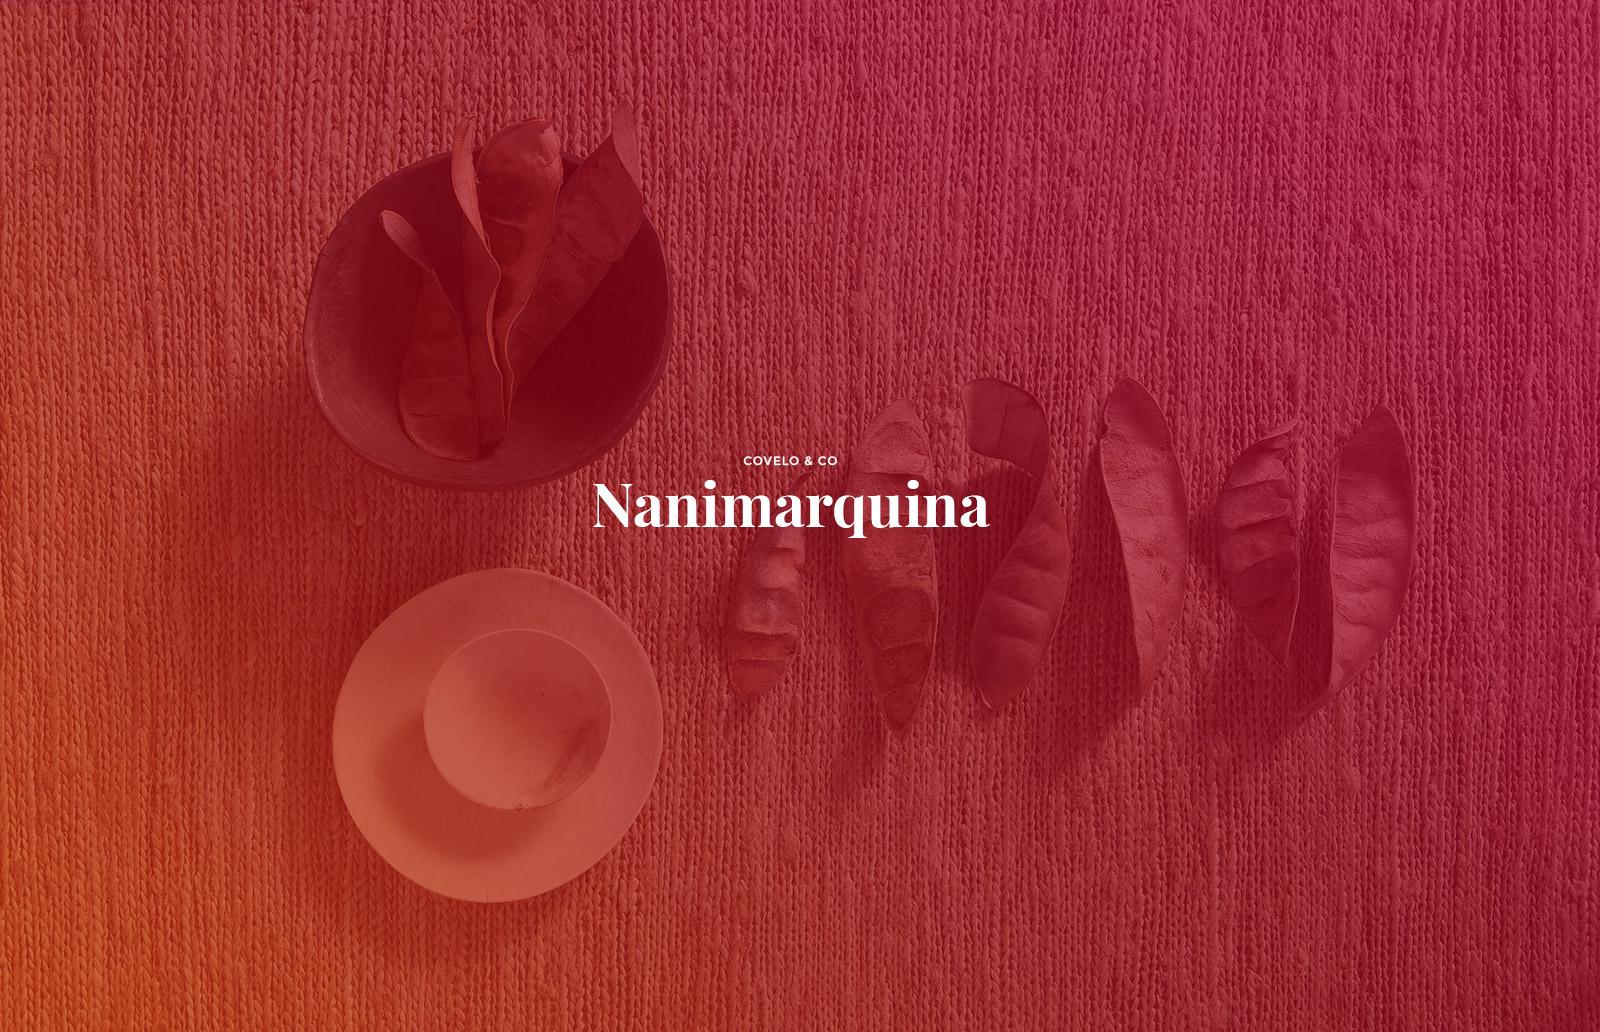 nanimarquina_01